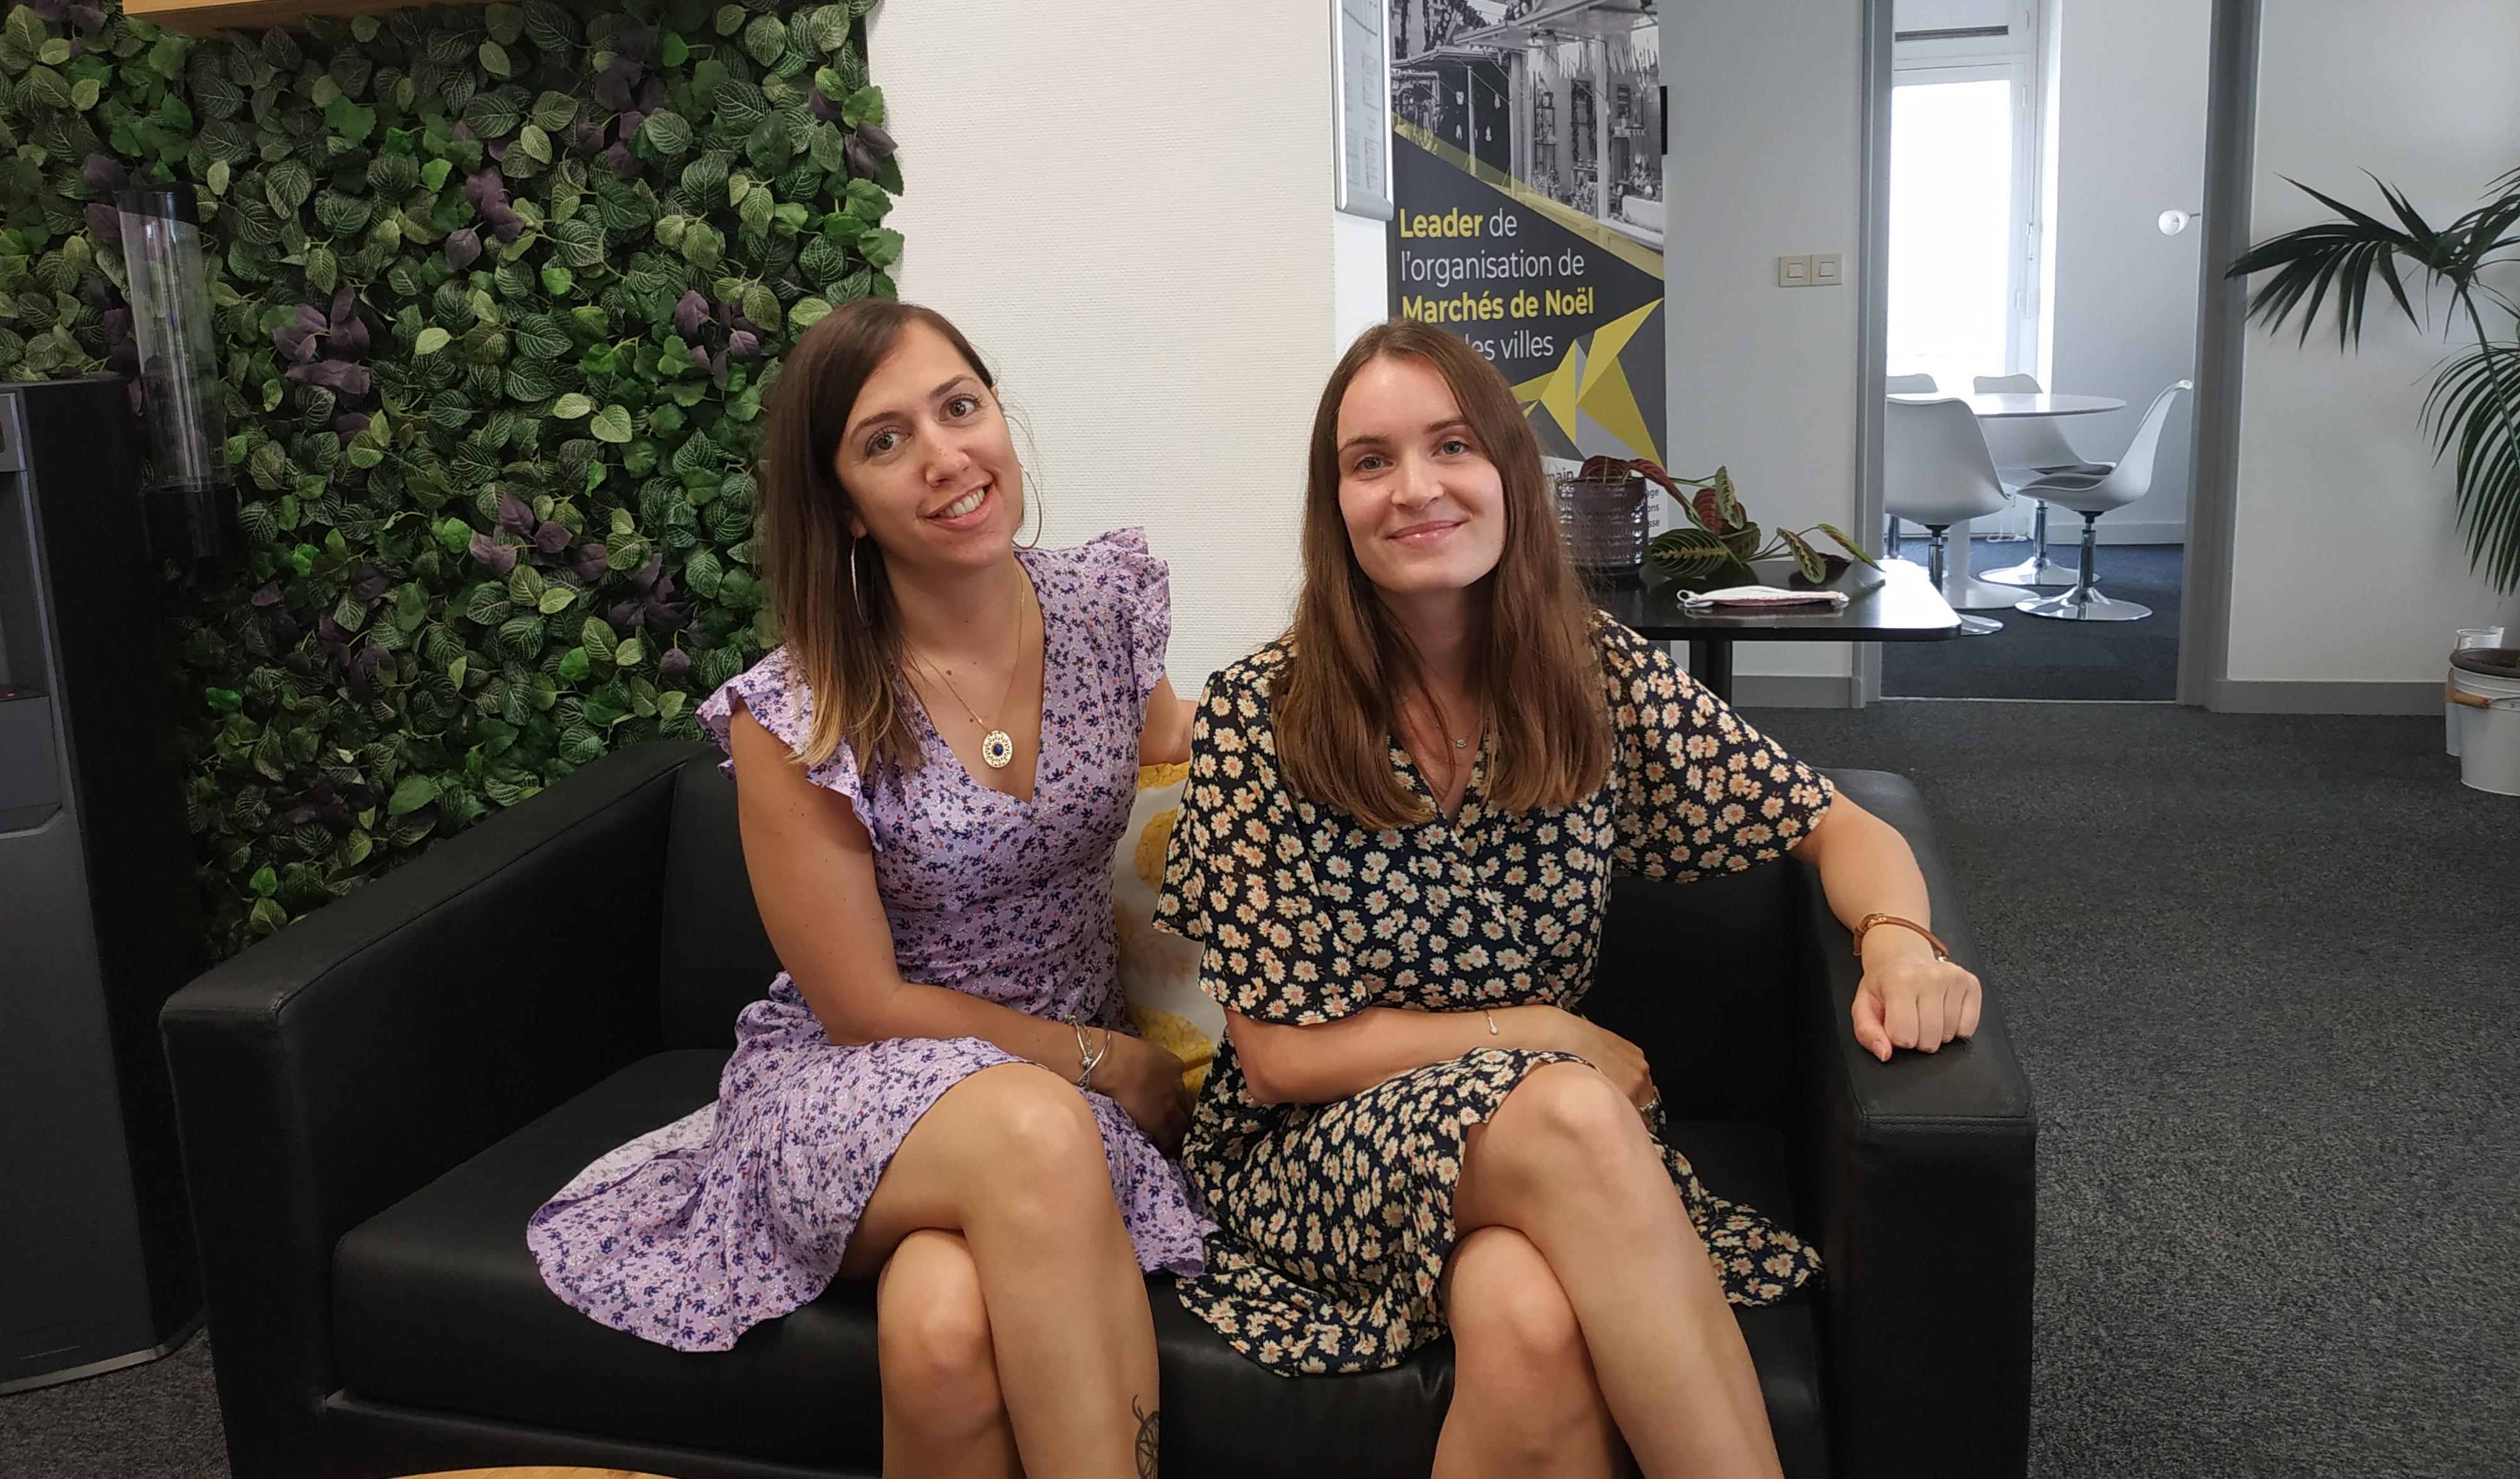 Laureen et Anaïs, nouvelles membres de l'équipe 2A Organisation